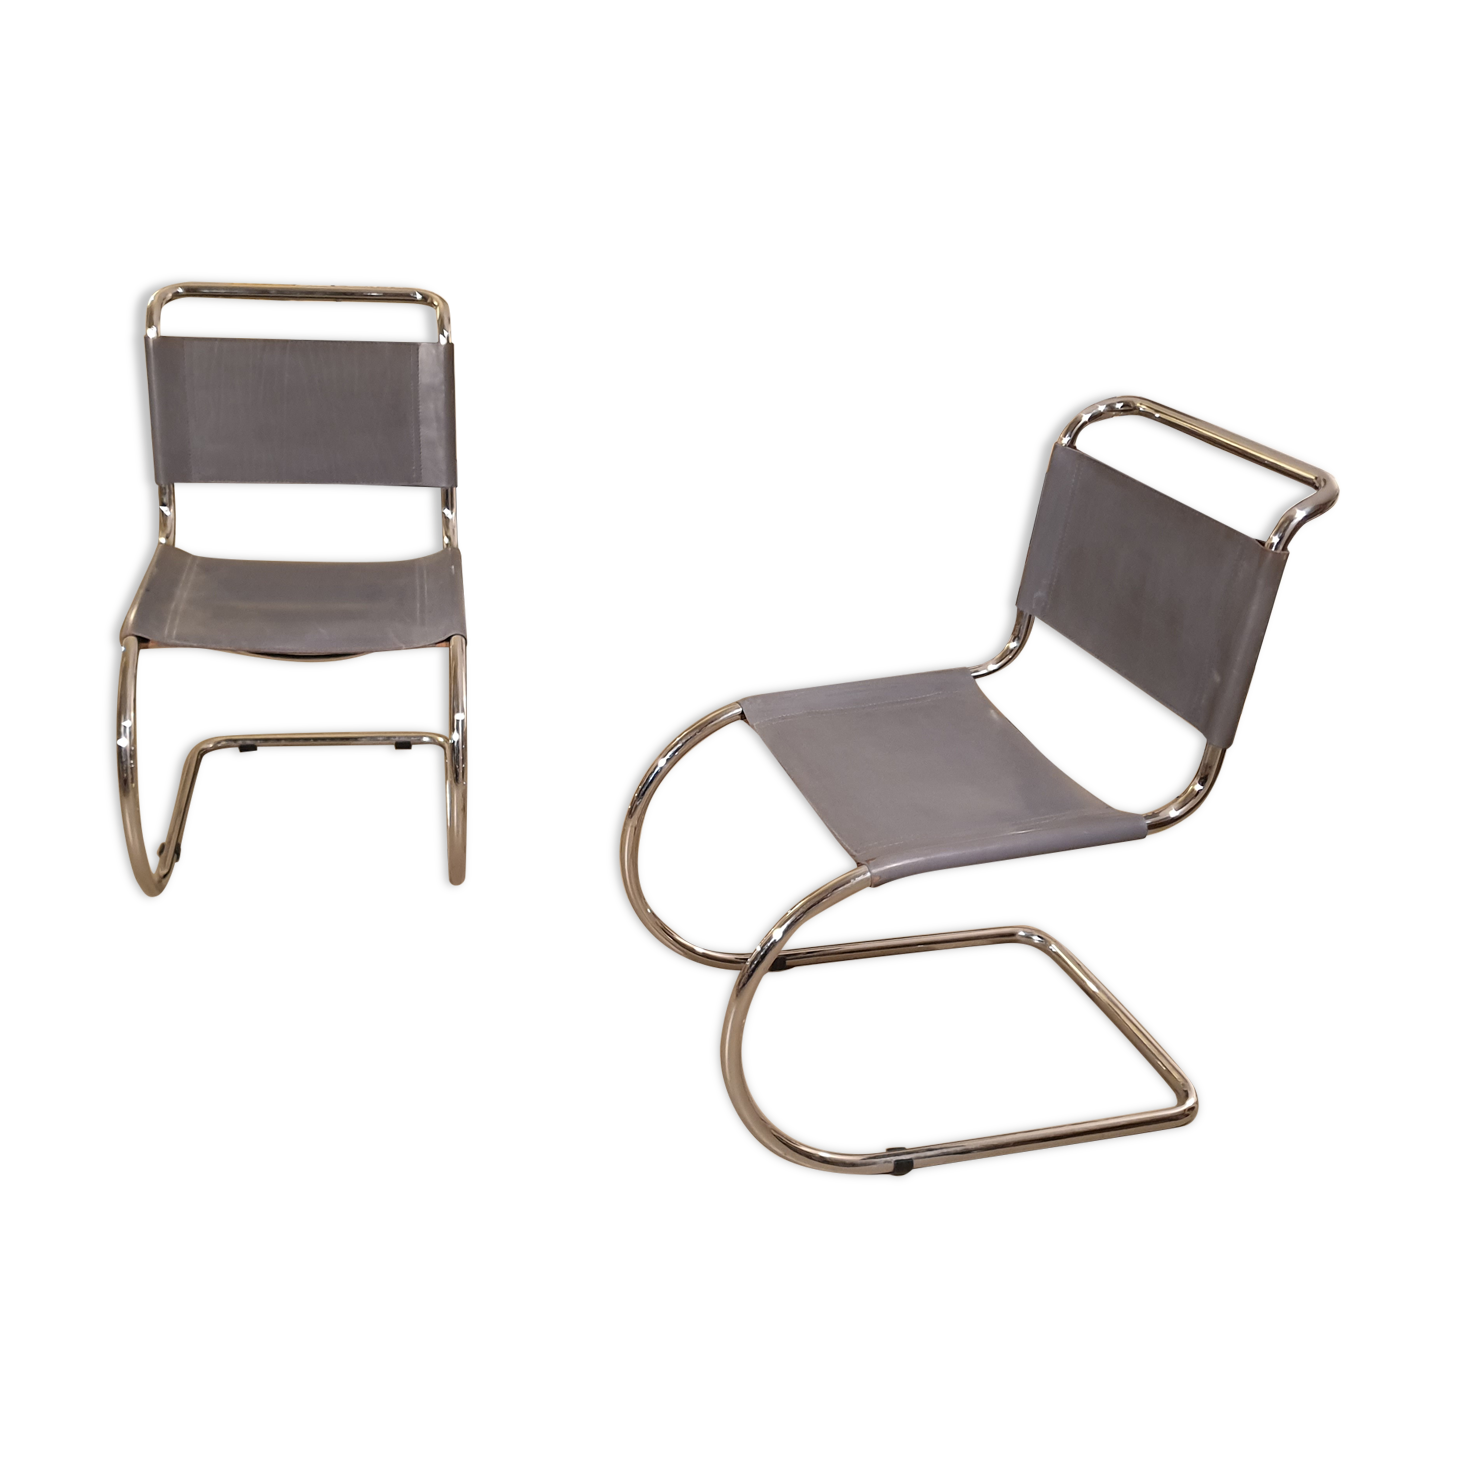 Paire de chaises MR10 par Ludwig Mies van der Rohe